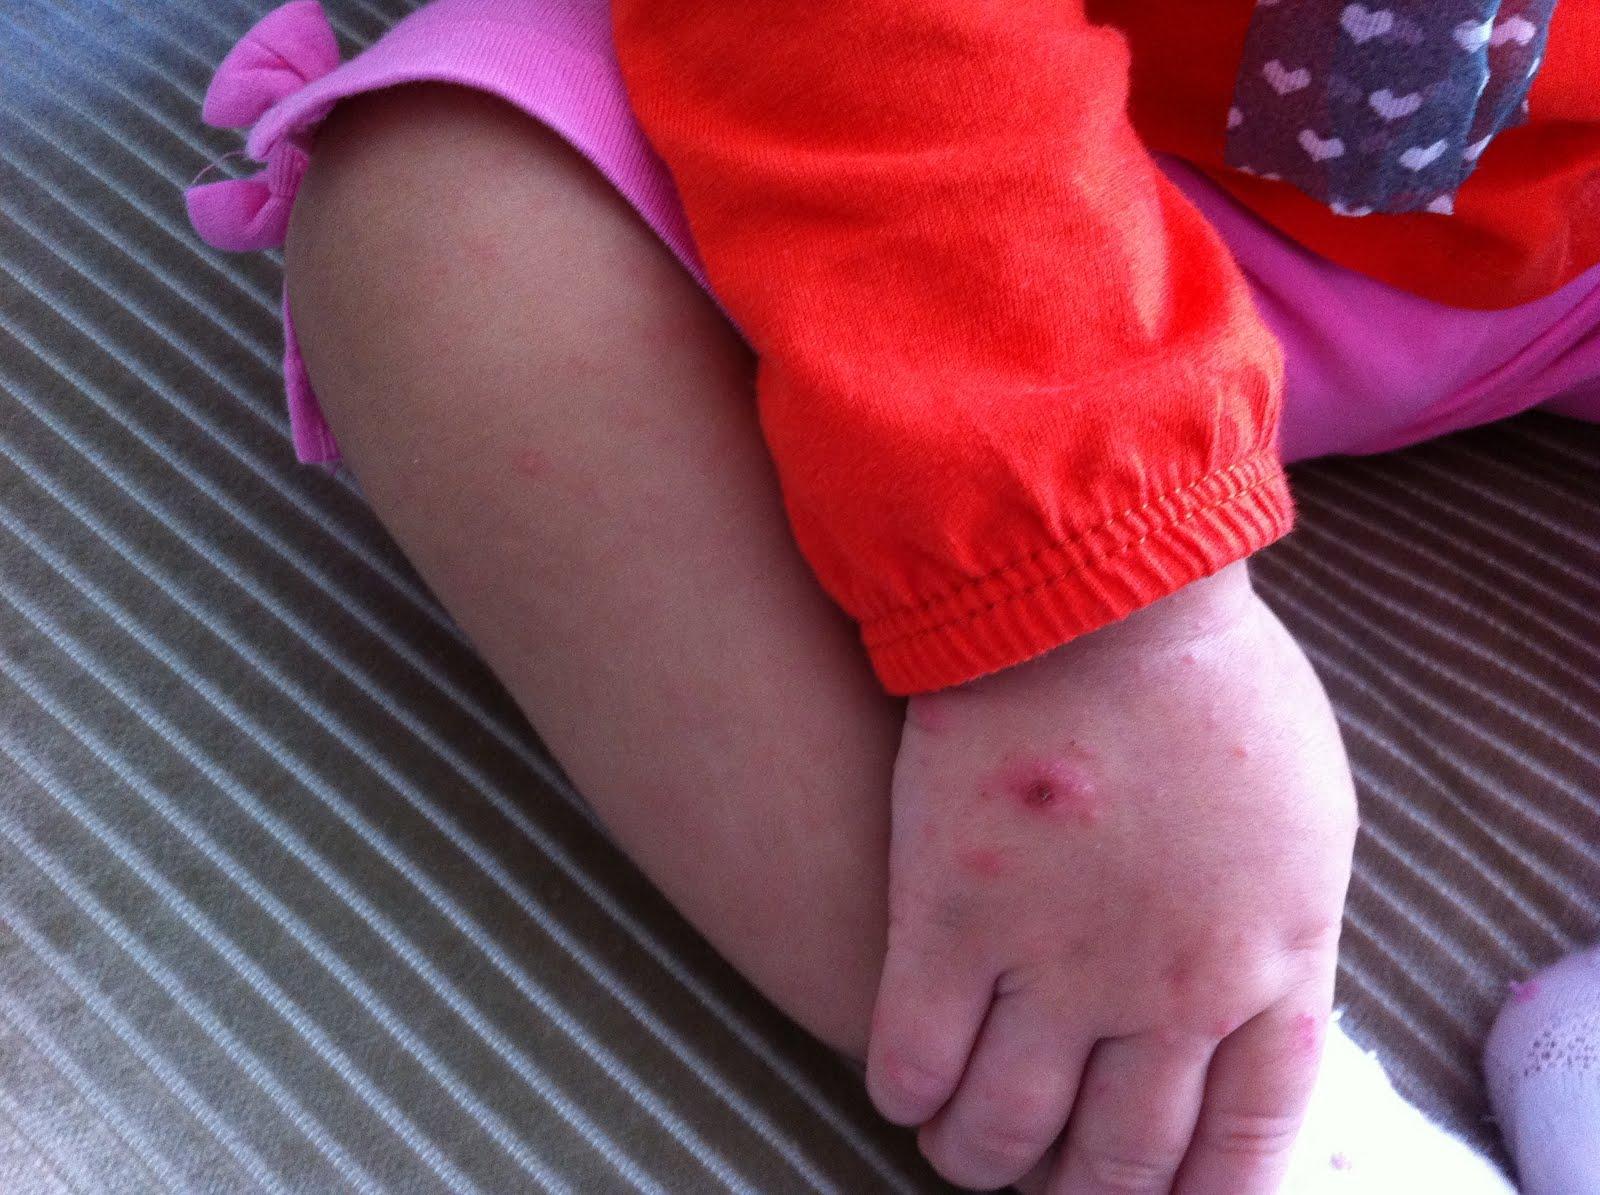 Bir çocuğun ayaklarında döküntü